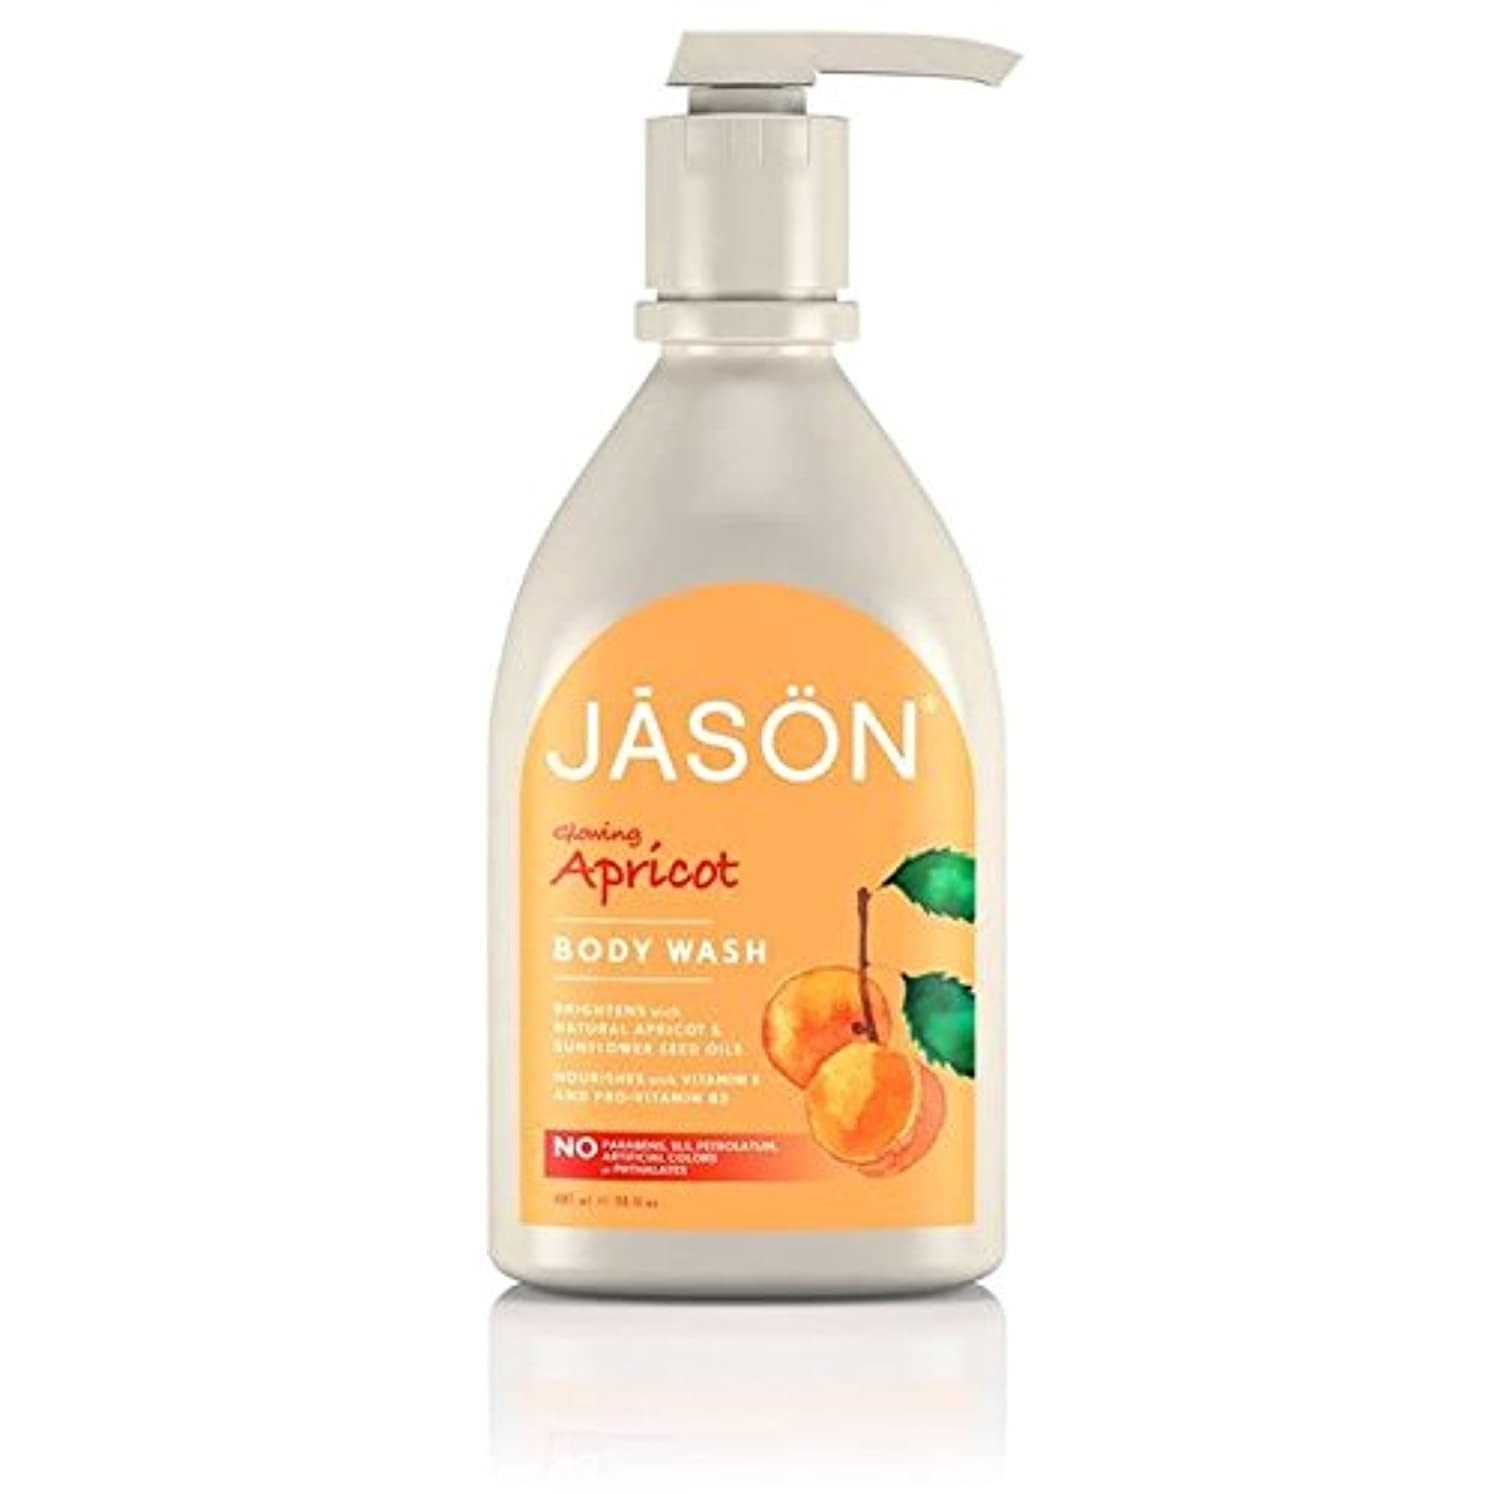 暫定どきどき集中的なジェイソン?アプリコットサテンボディウォッシュポンプ900ミリリットル x4 - Jason Apricot Satin Body Wash Pump 900ml (Pack of 4) [並行輸入品]